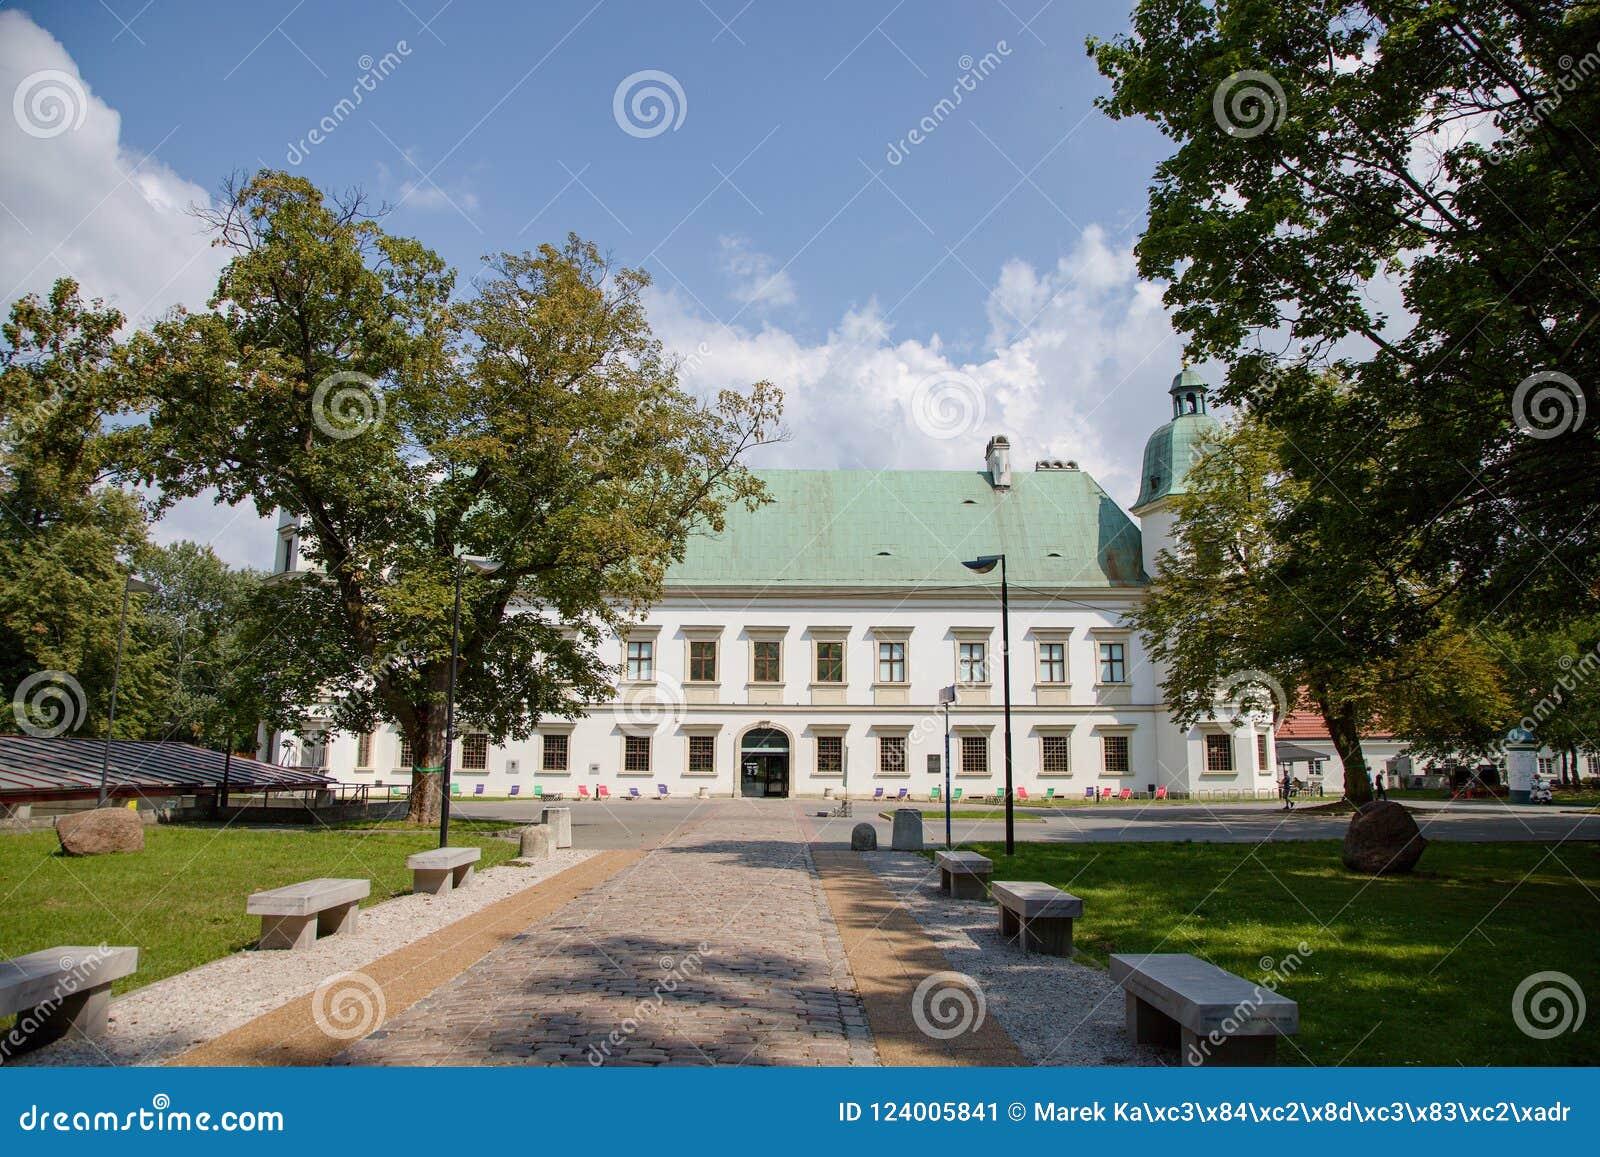 Slott för Ujazdà ³w i Warszawa i Polen, Europa